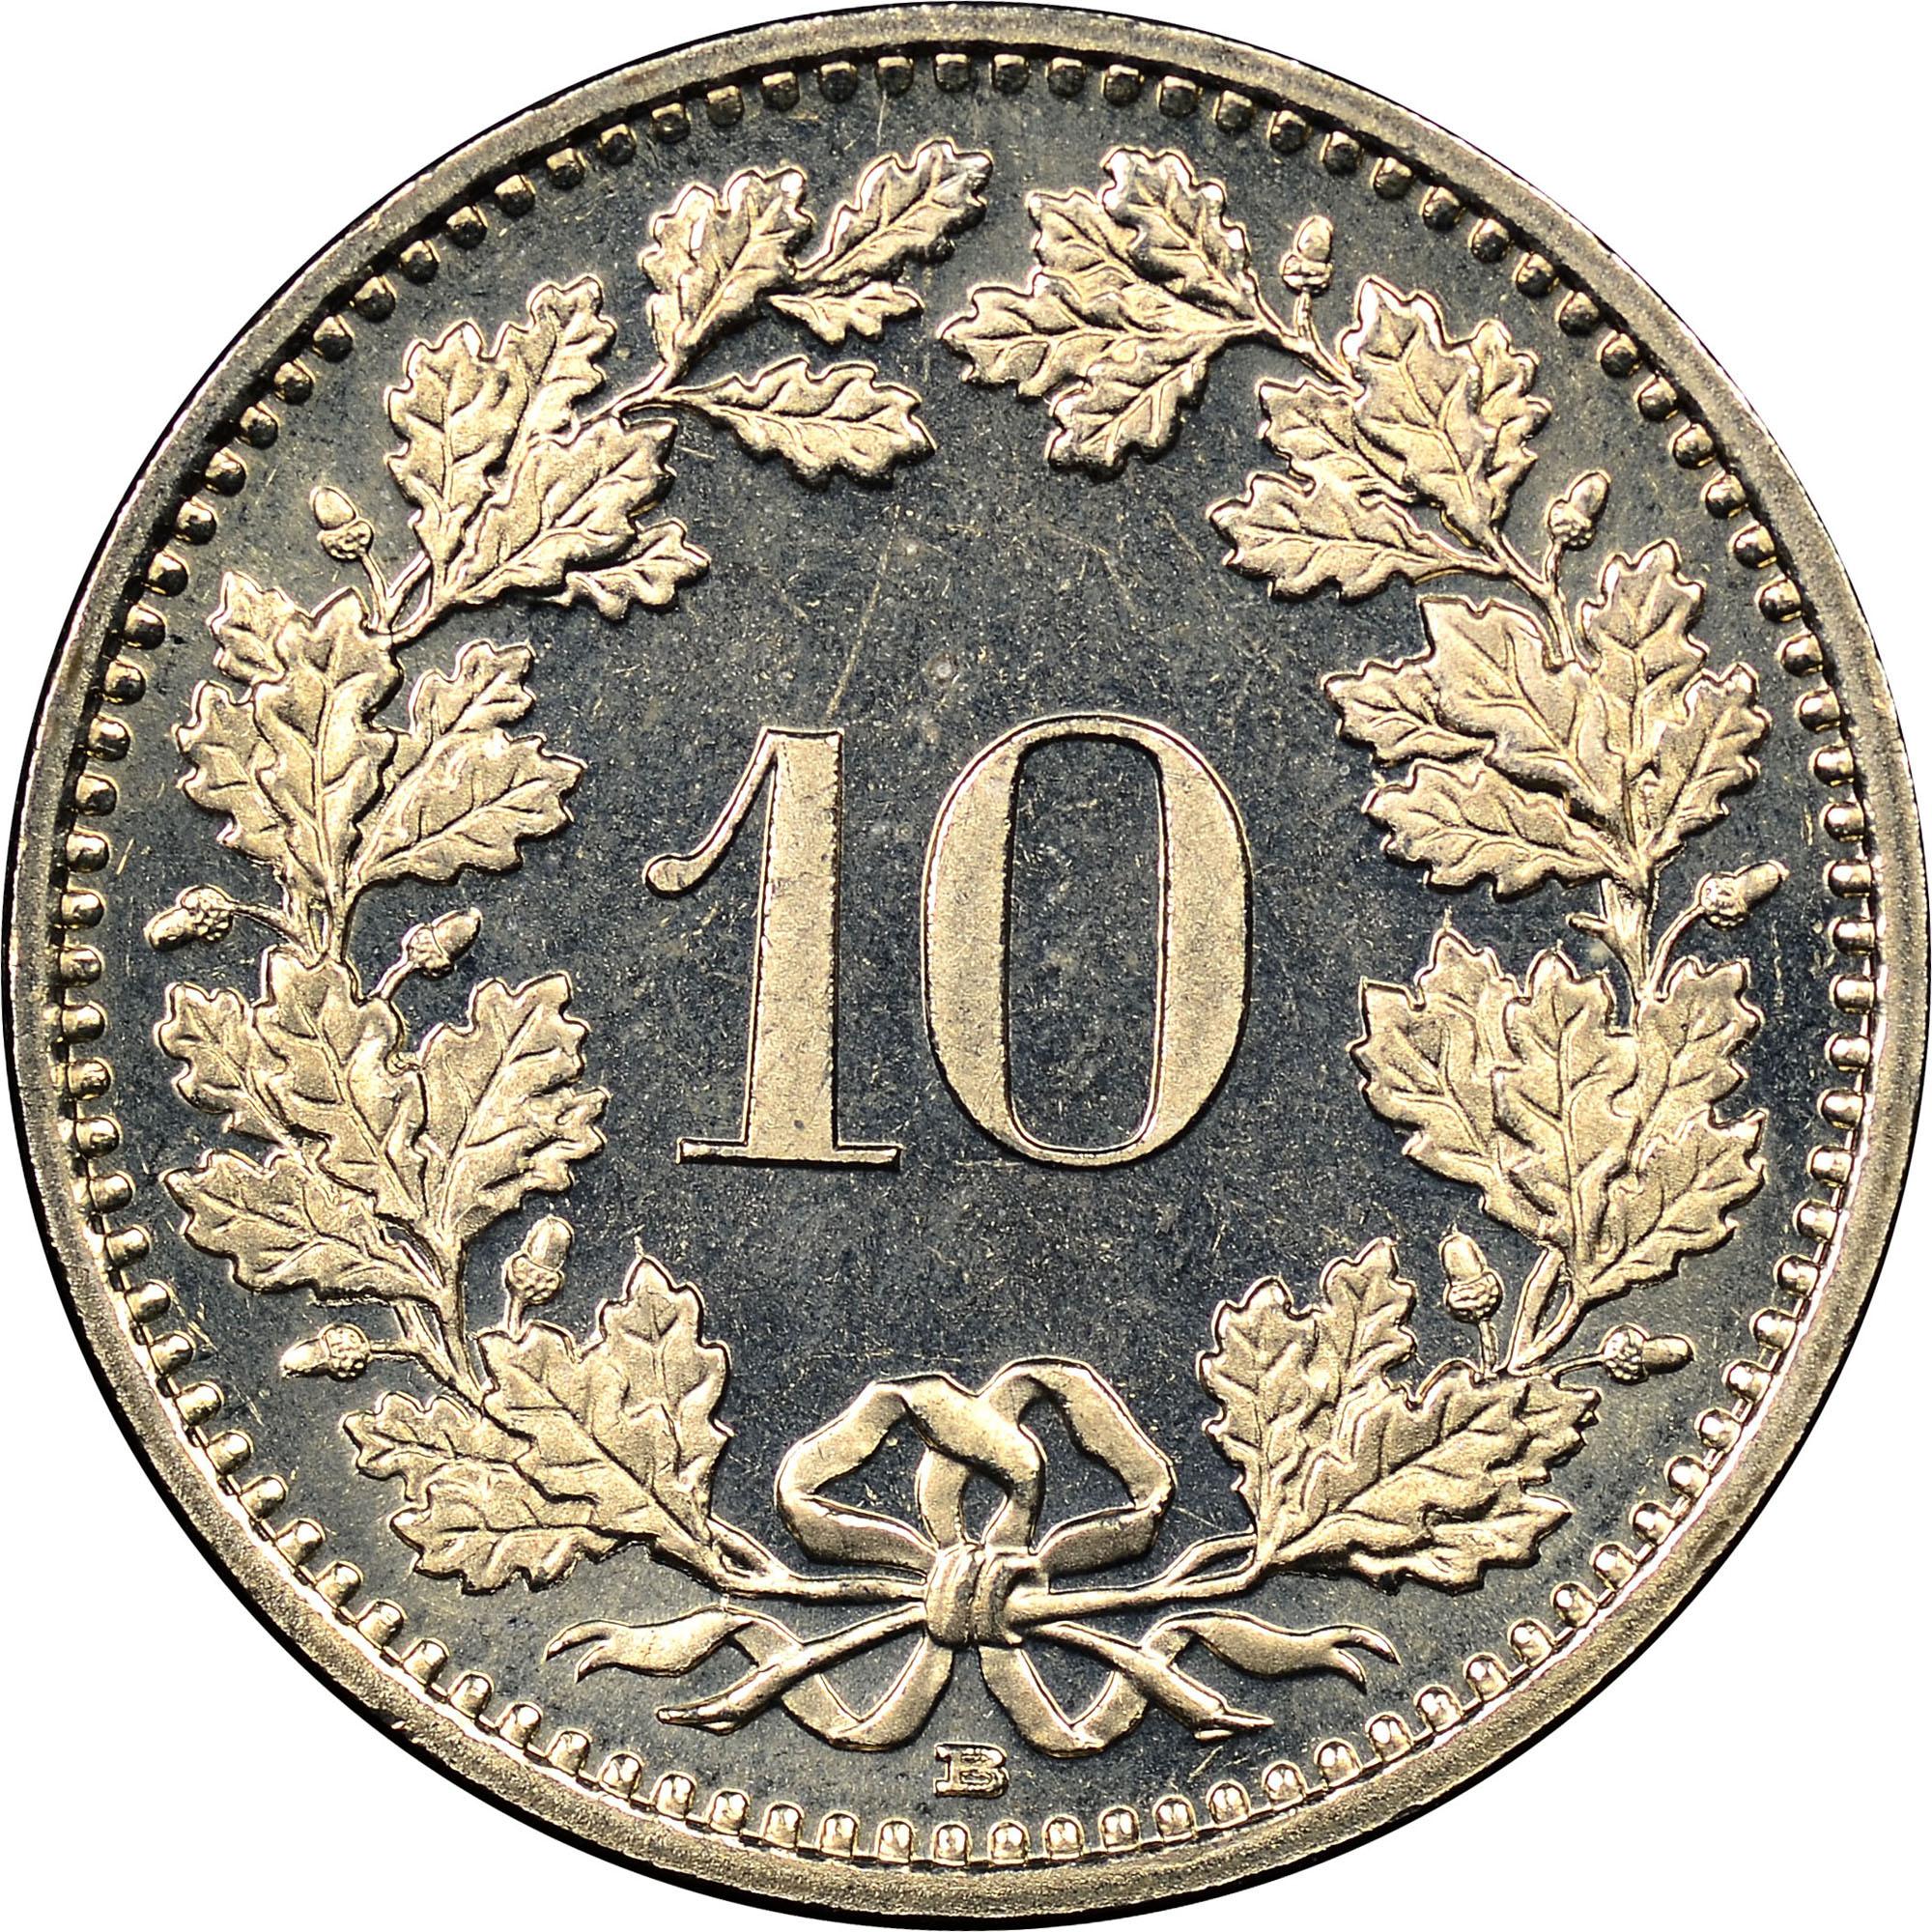 B 1948 10 Francs Value